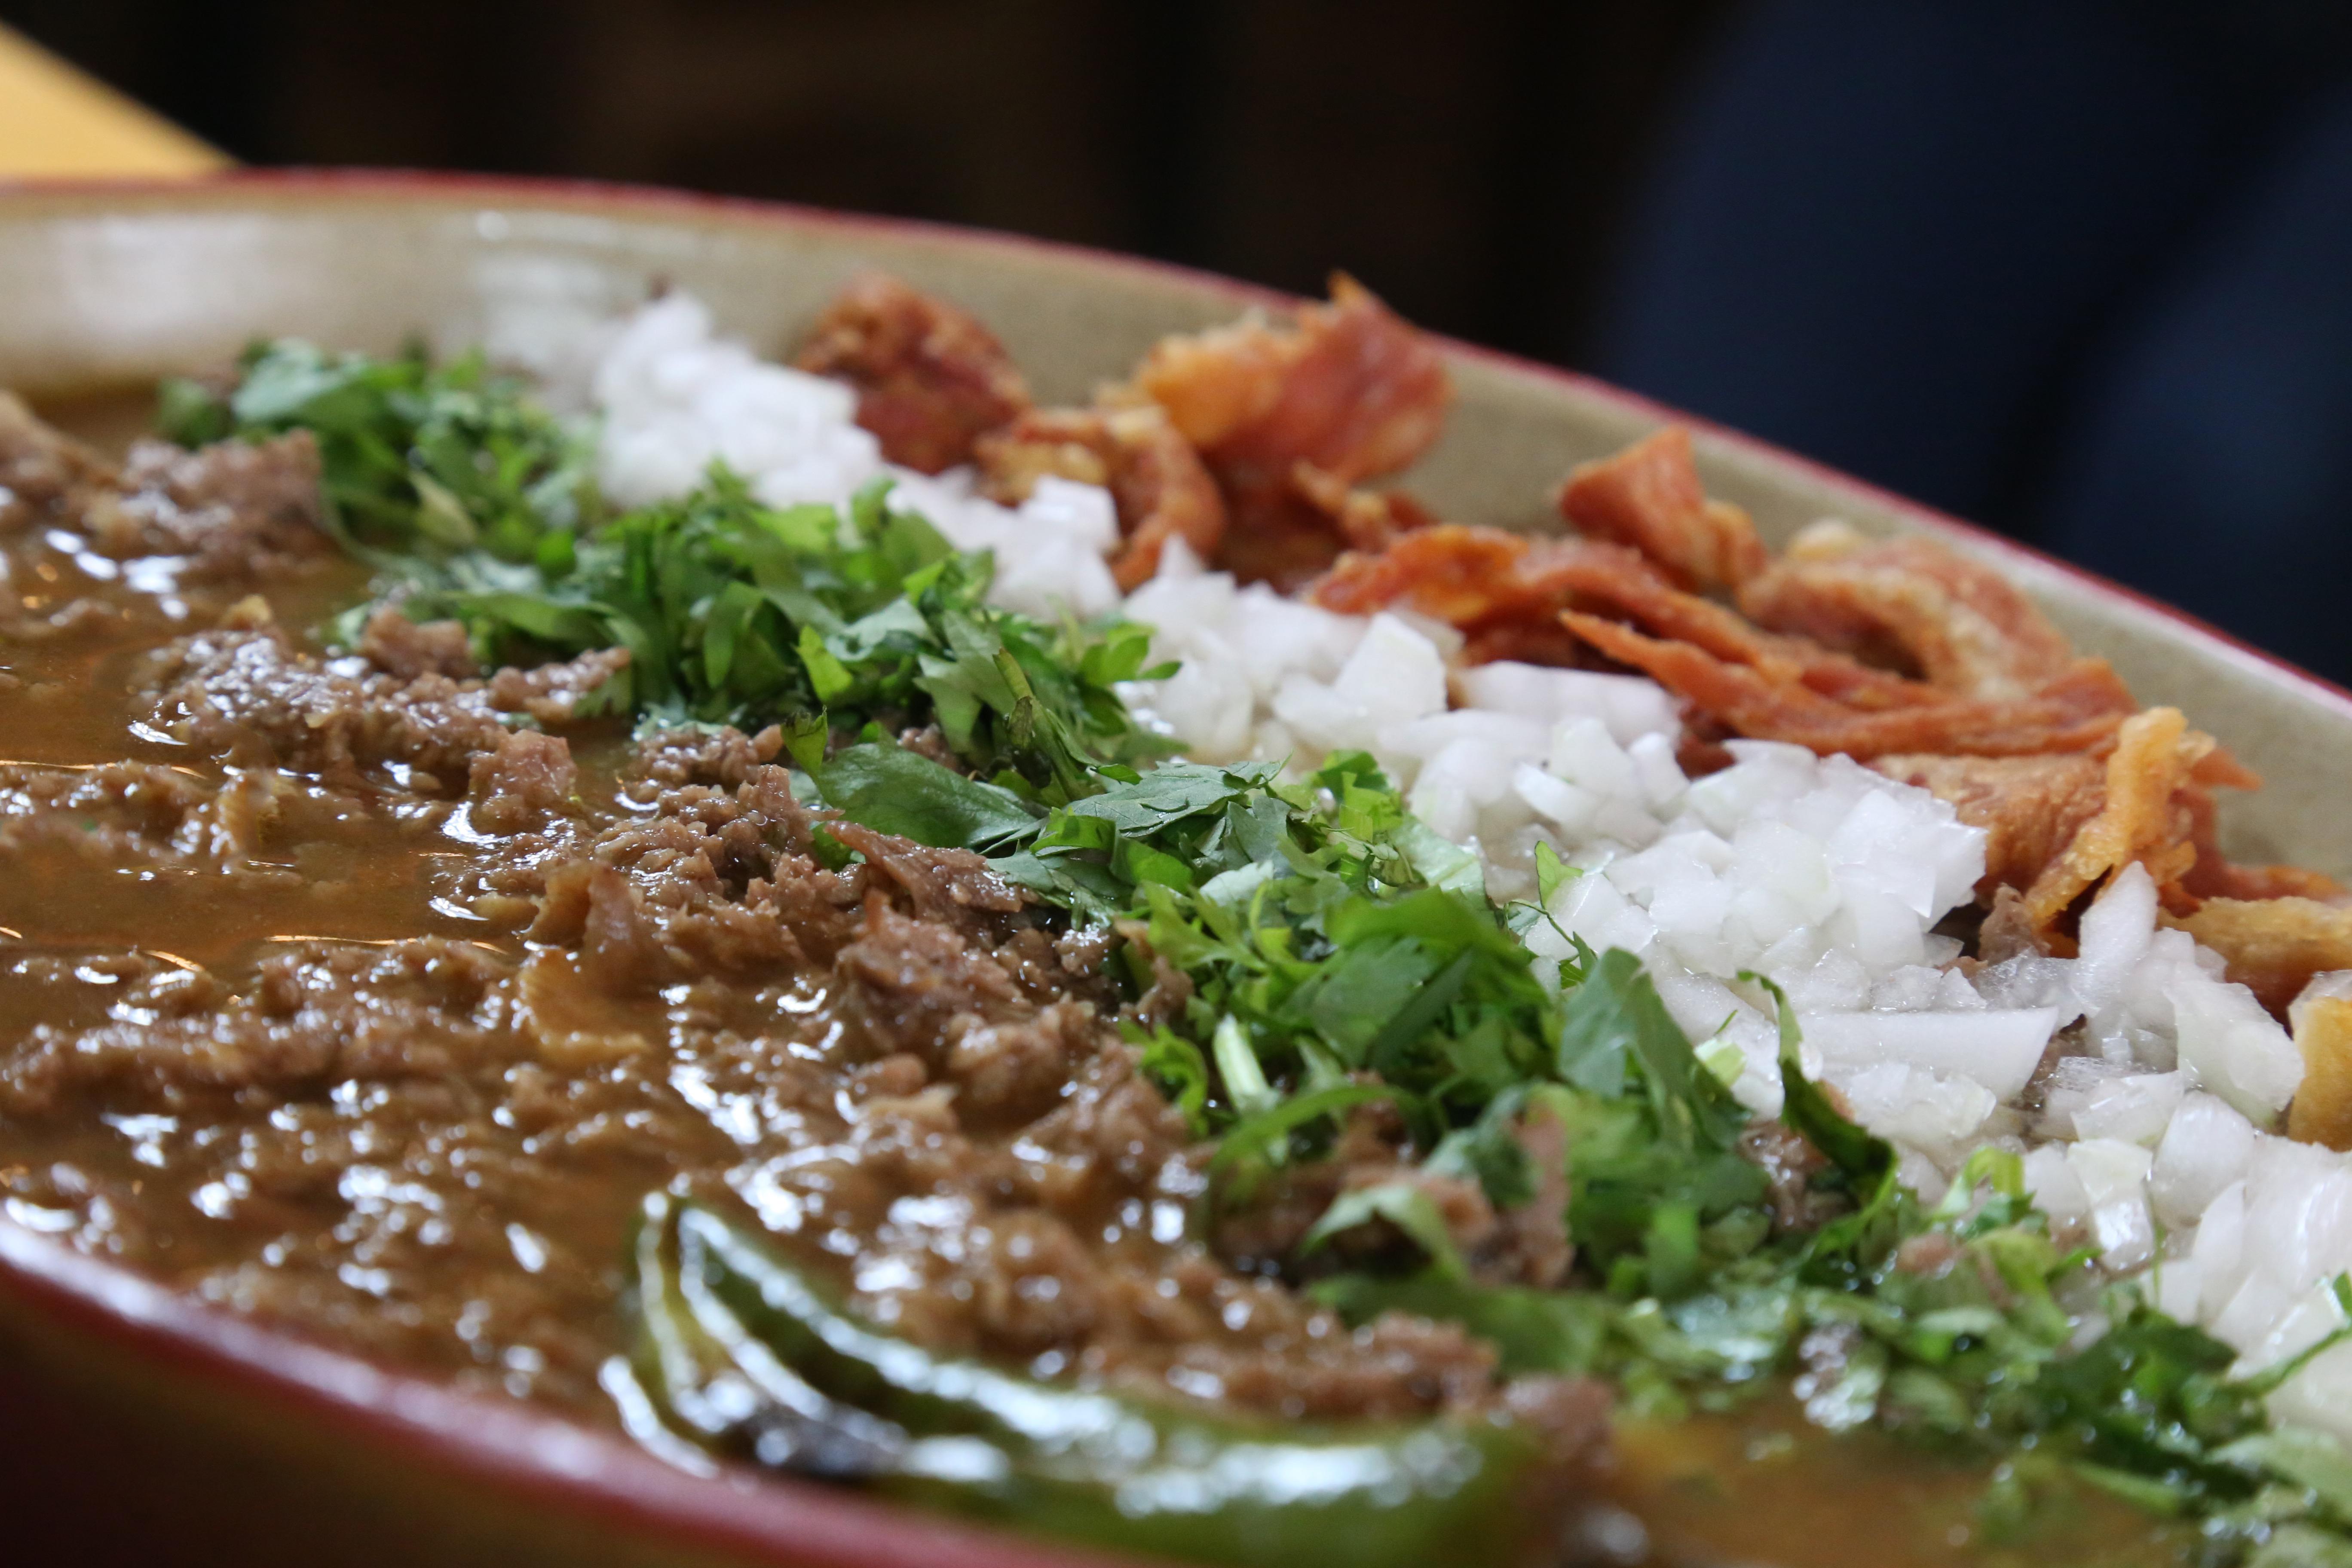 Carne en su jugo, comida de Jalisco.